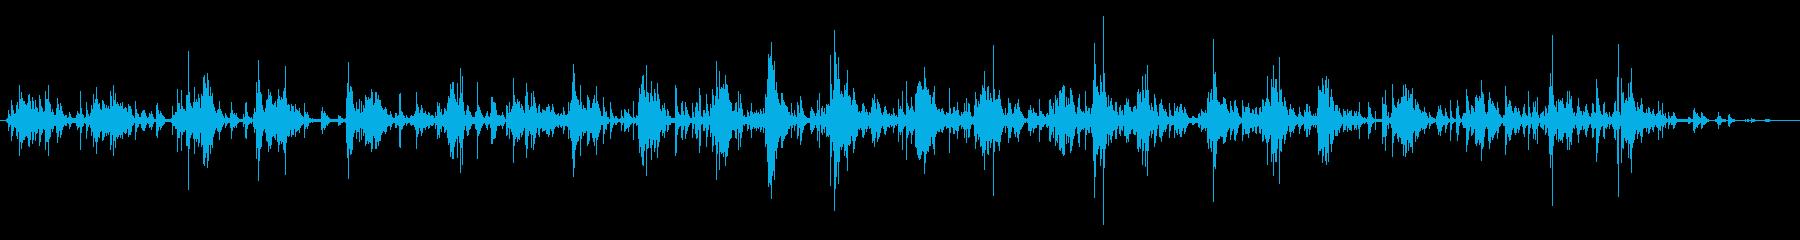 【環境音】水琴窟の音(泉岳寺)の再生済みの波形